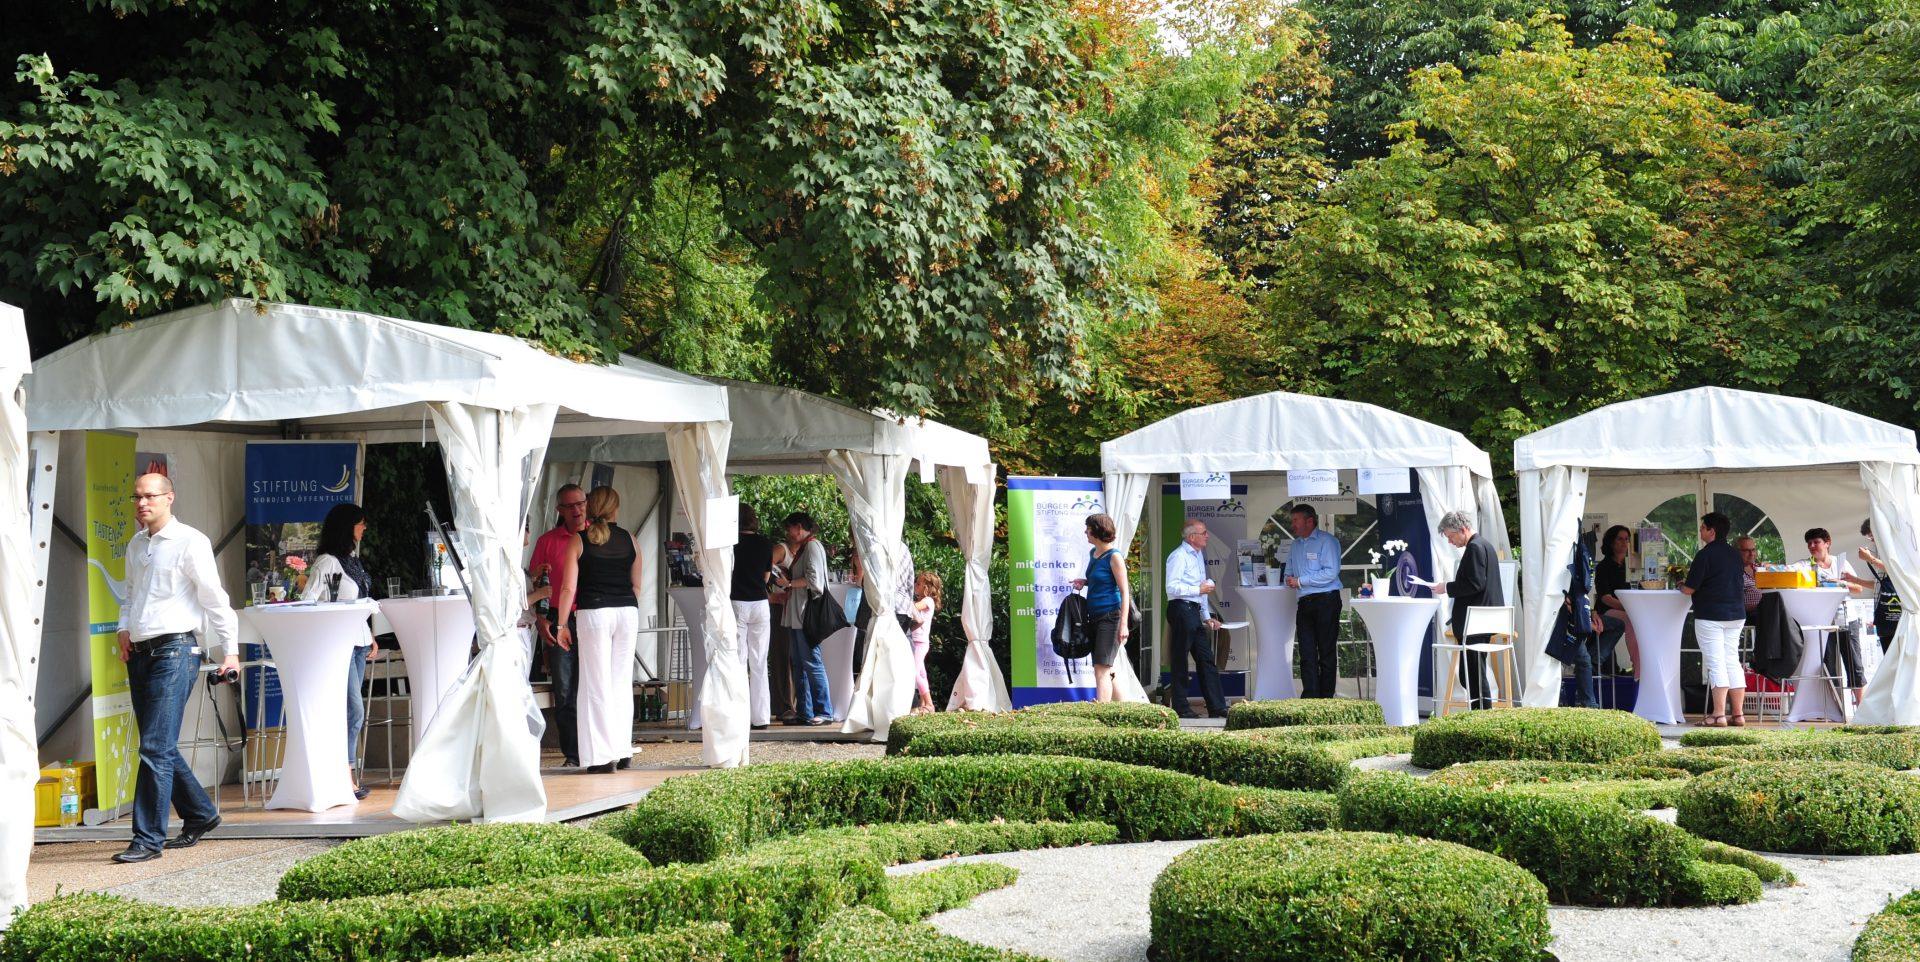 Verschiedene Stiftungen präsentieren sich im Garten vom Haus der Braunschweigischen Stiftungen